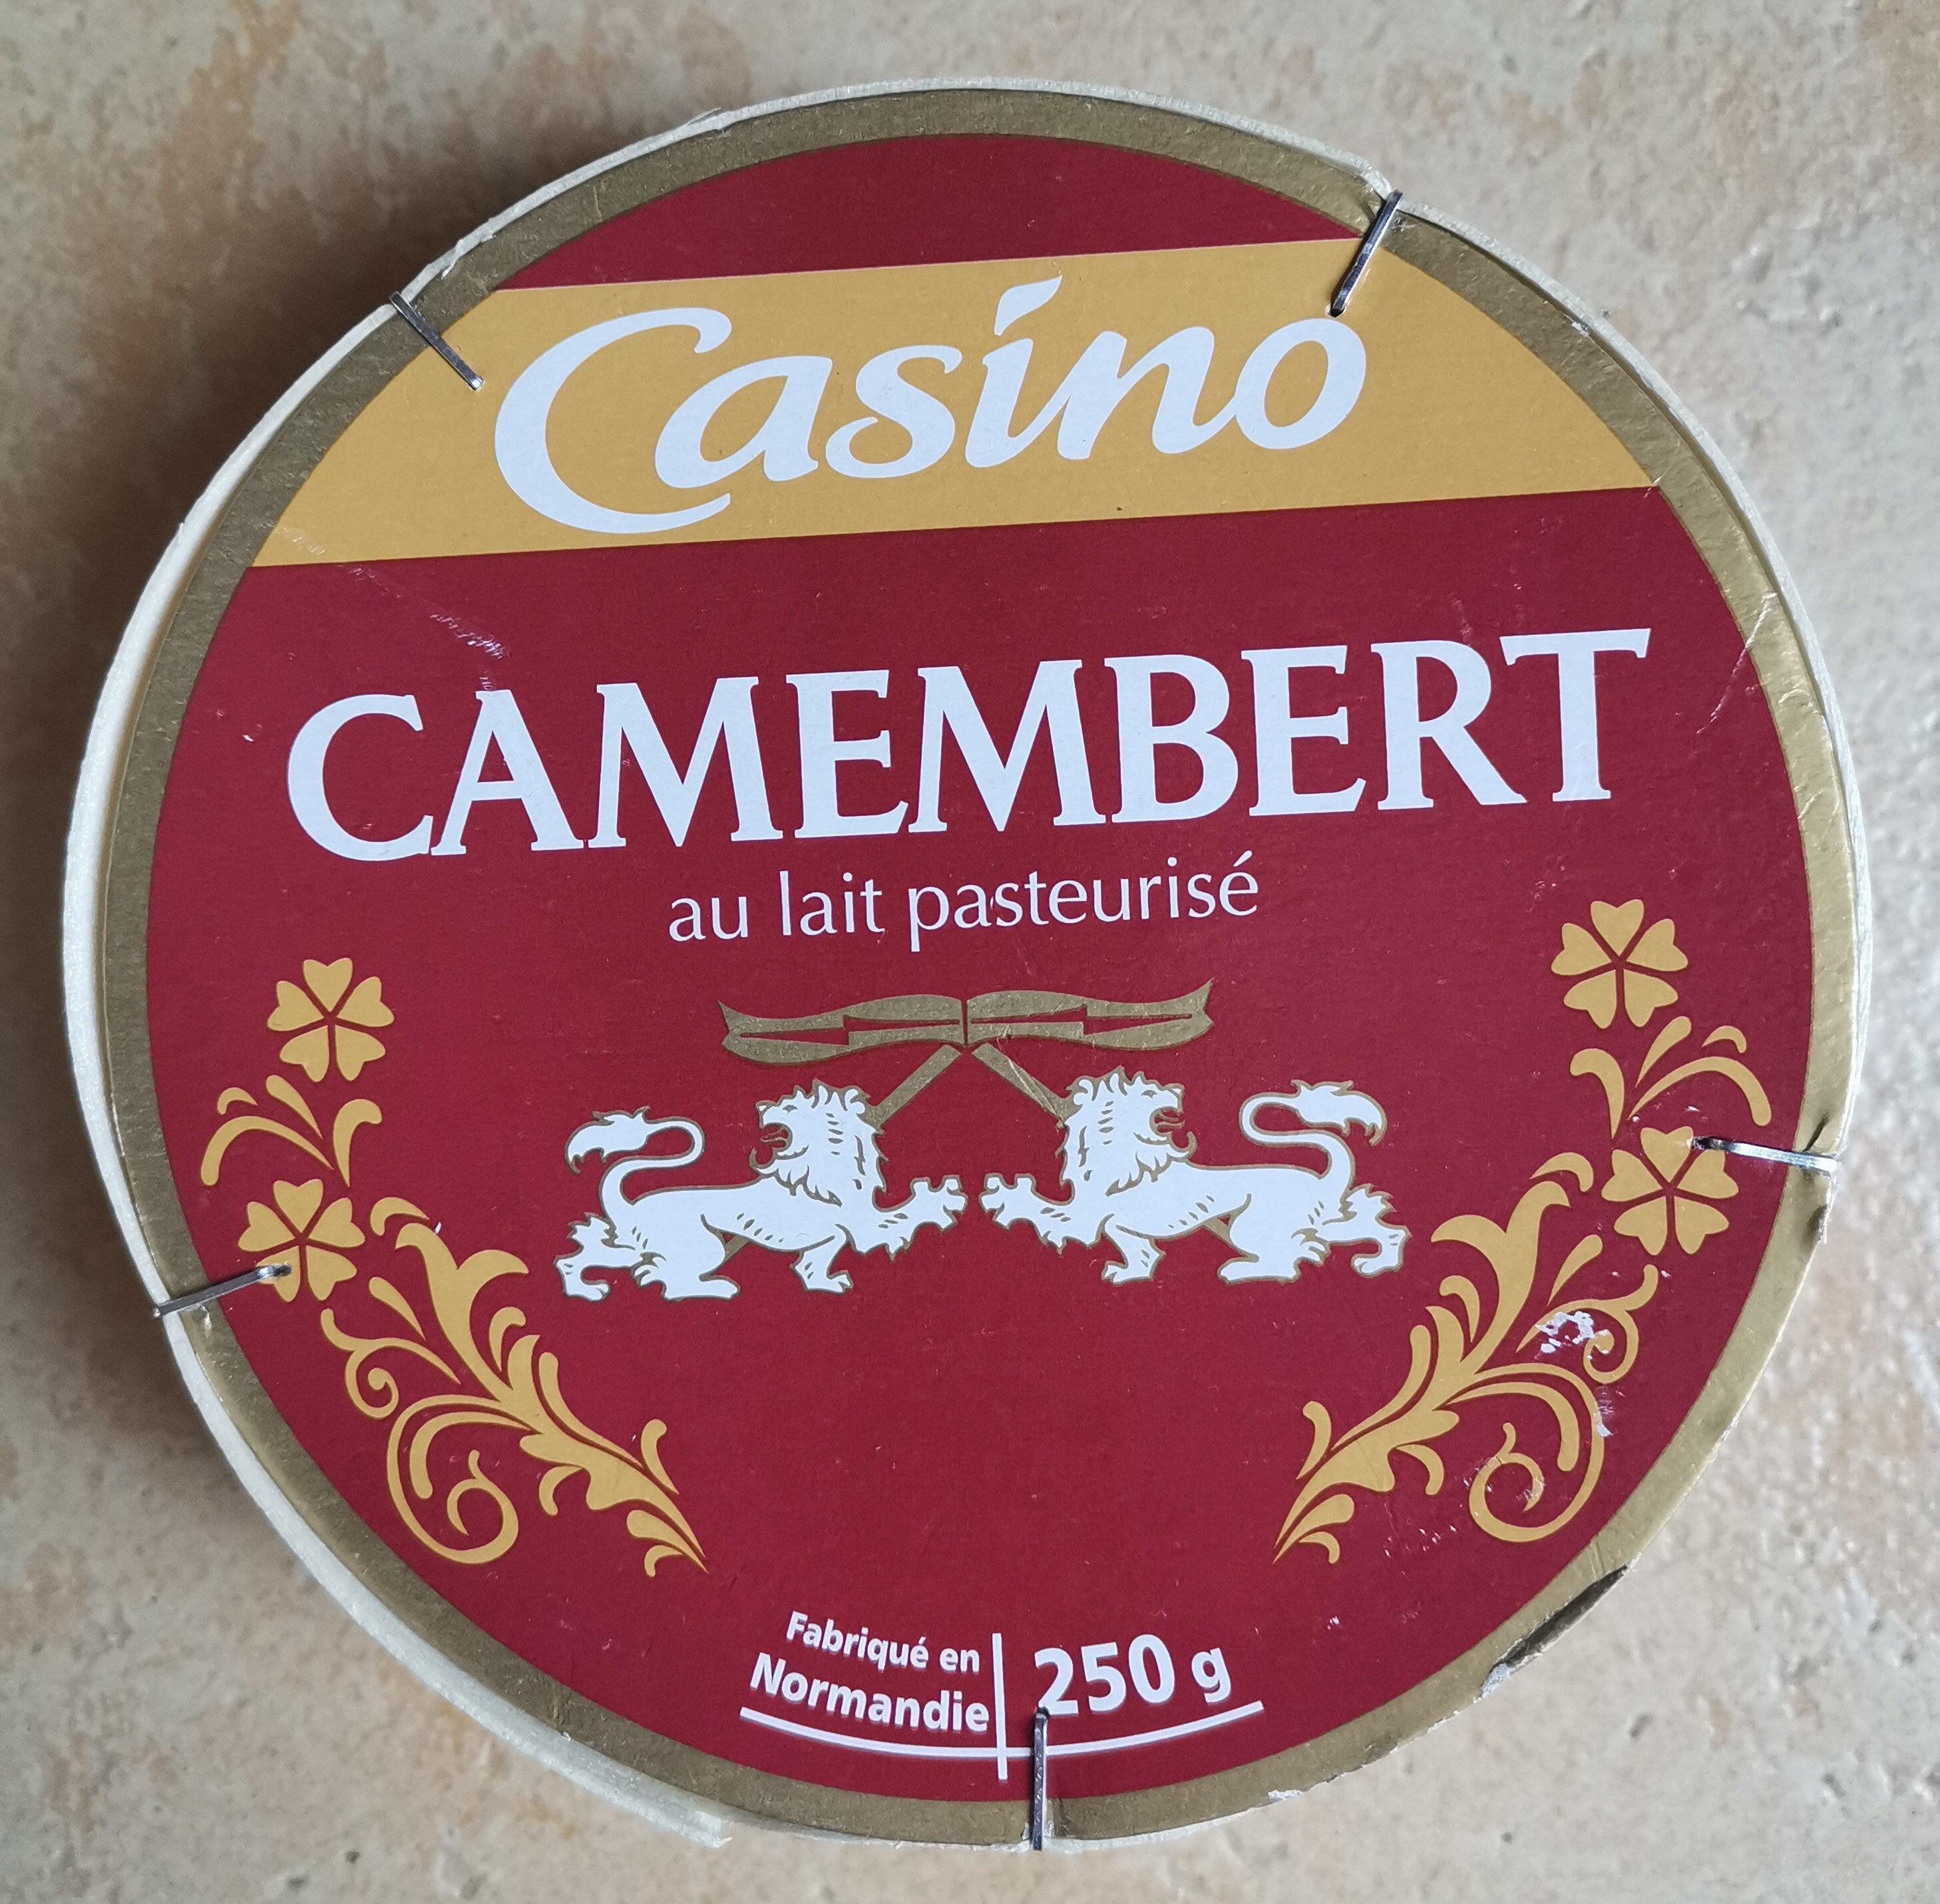 Camembert au lait pasteurisé - Product - fr